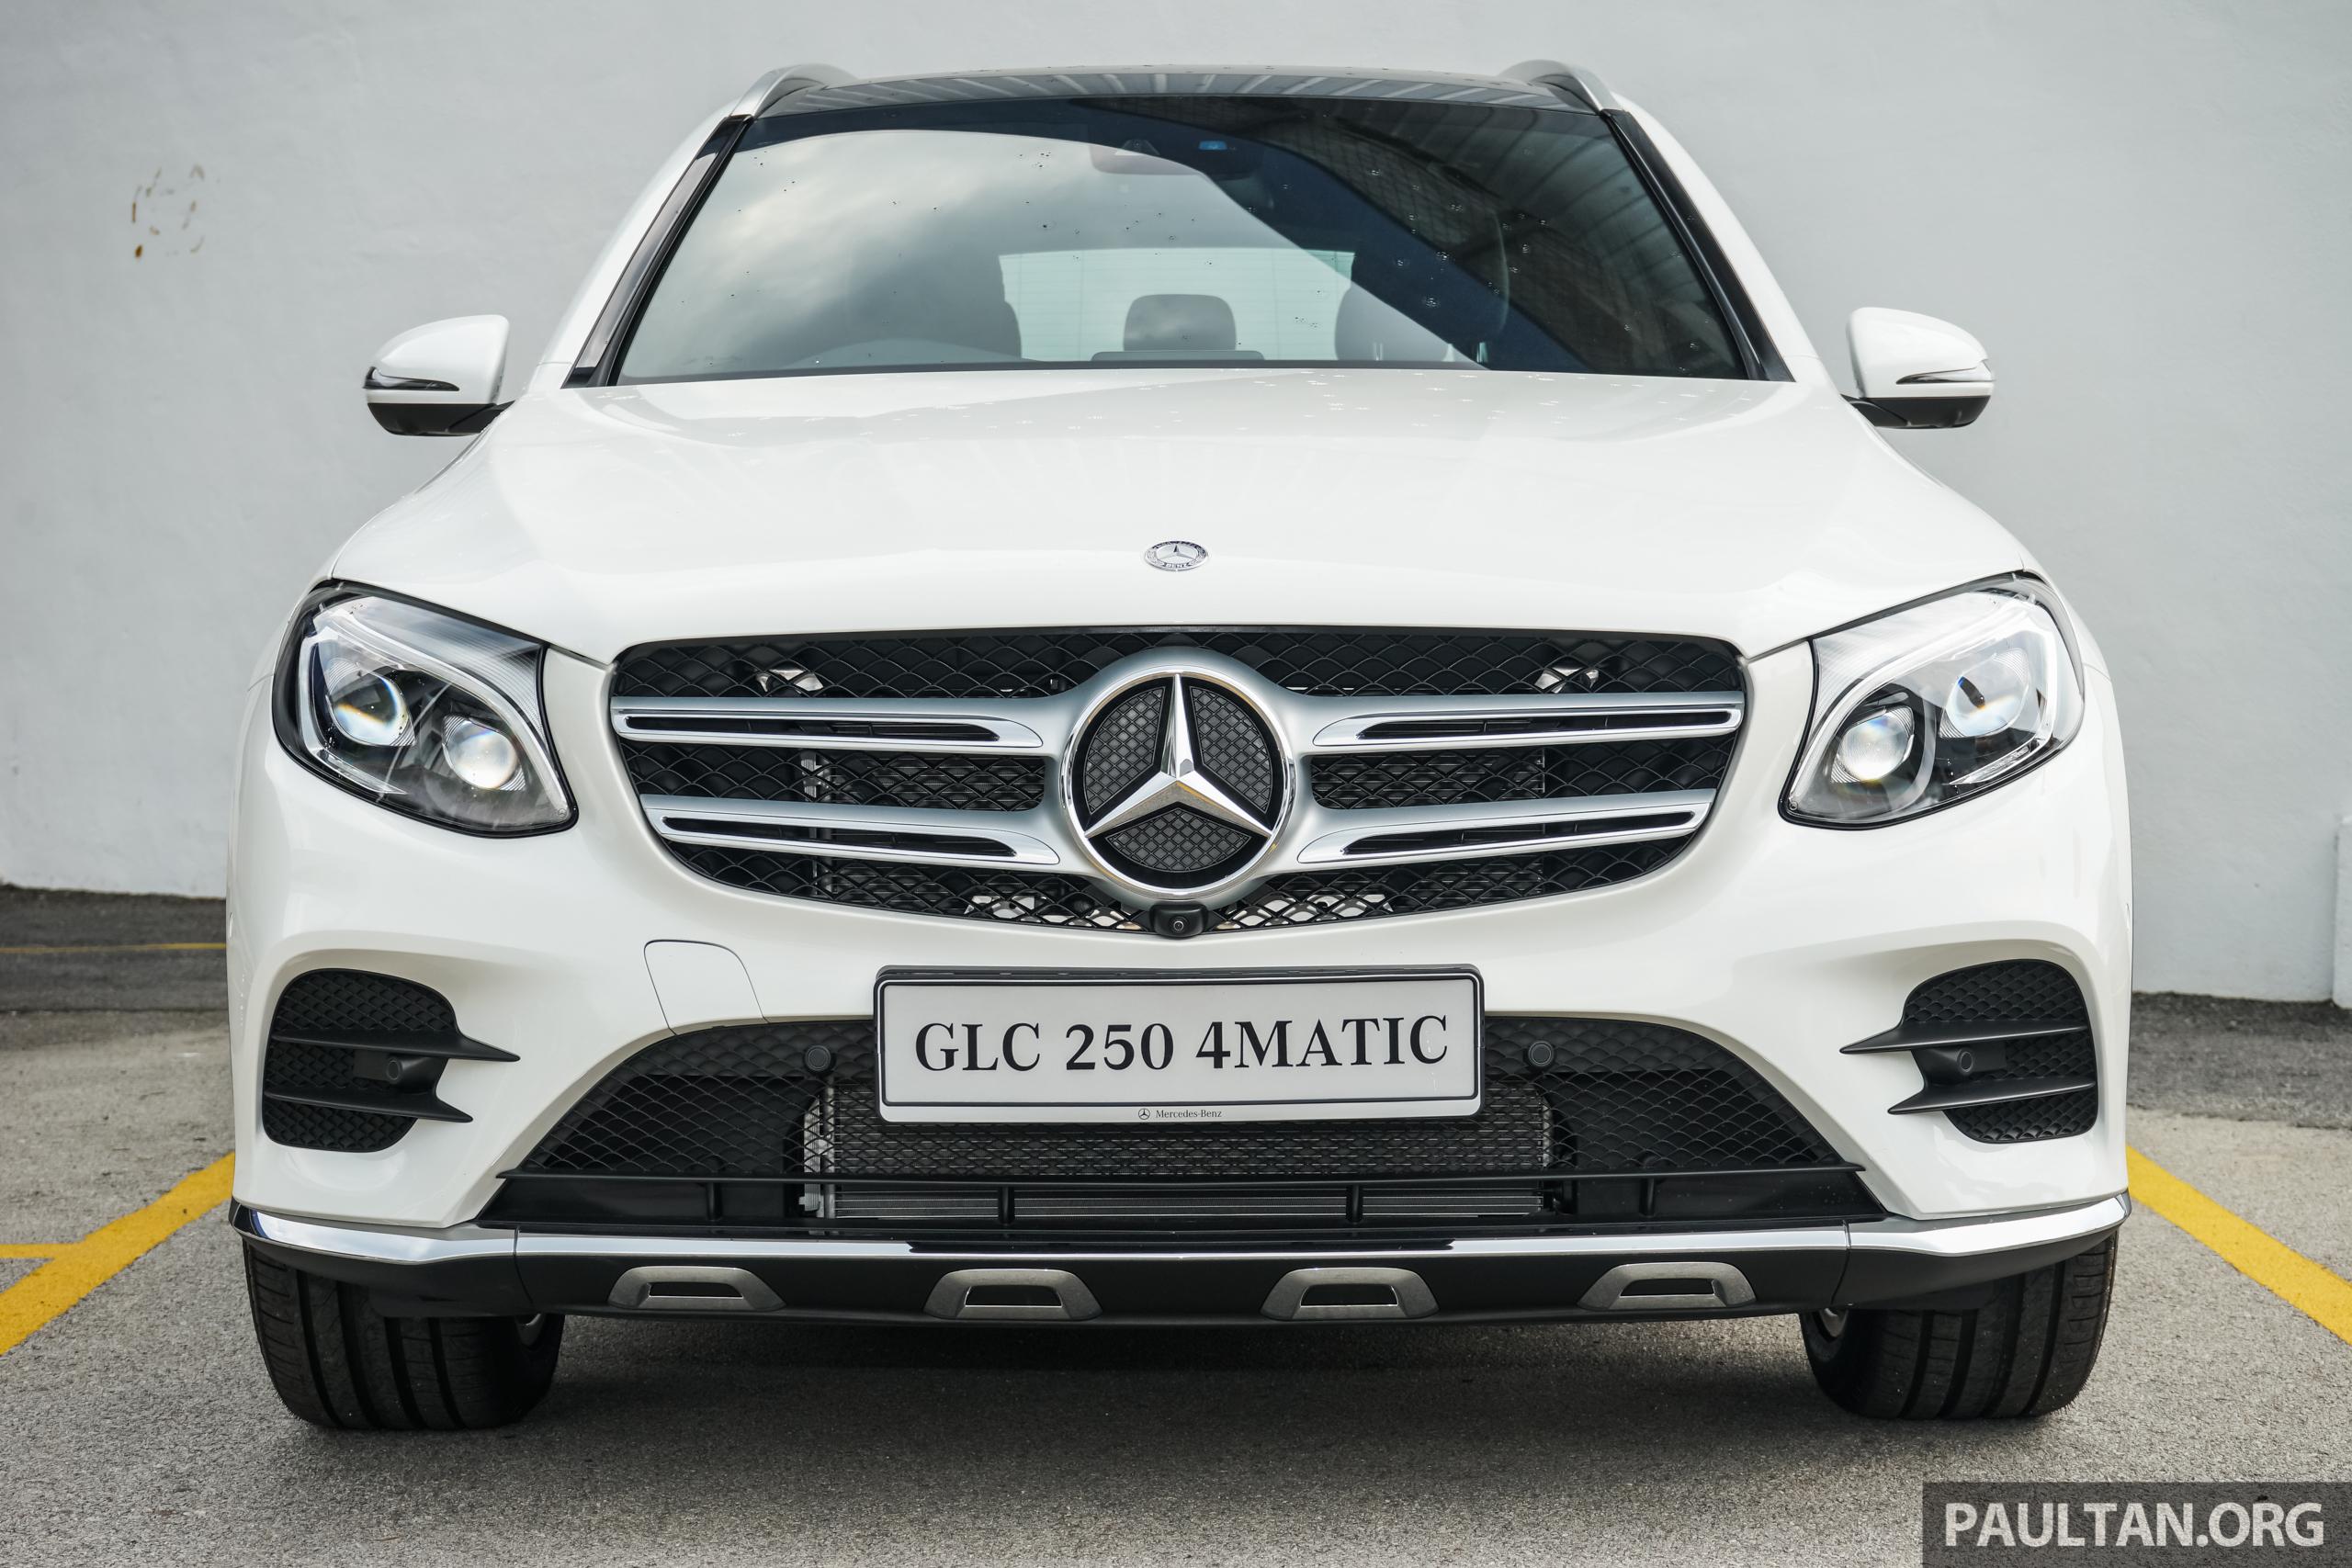 Mercedes benz glc 250 skd dilancar amg rm326k image 539310 for Mercedes benz glc 250